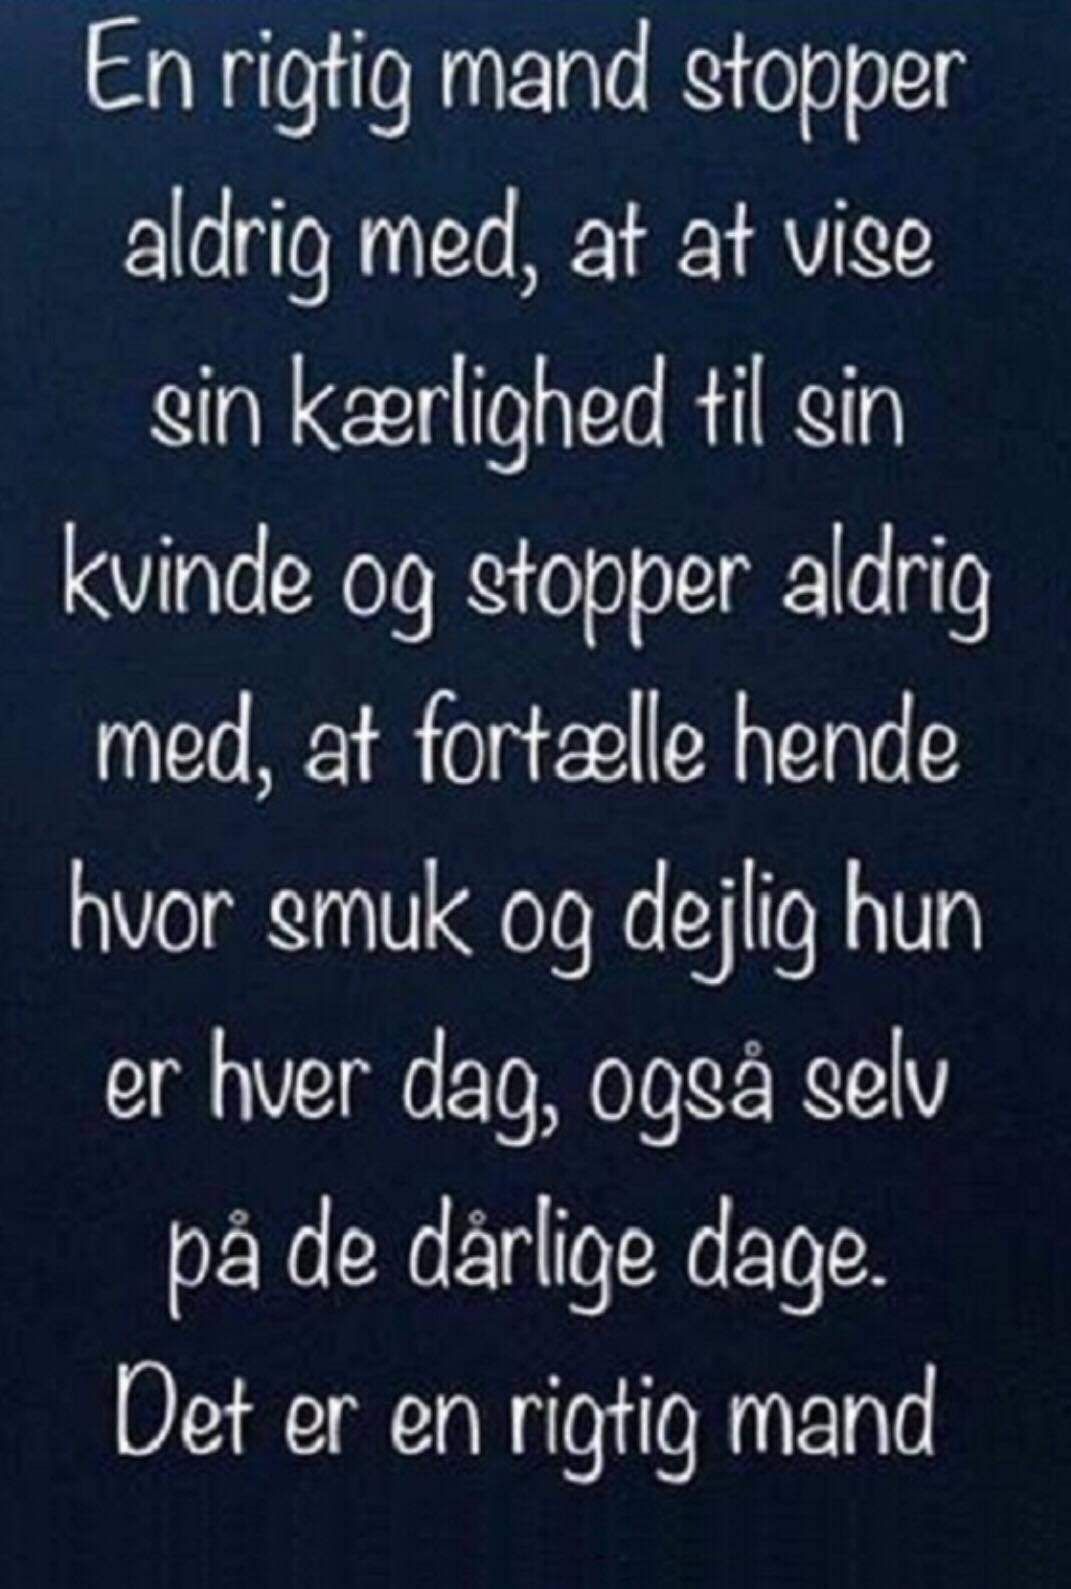 dagens kærligheds citat kærlighed   Danmarks smukkeste citater, Citater om kærlighed  dagens kærligheds citat